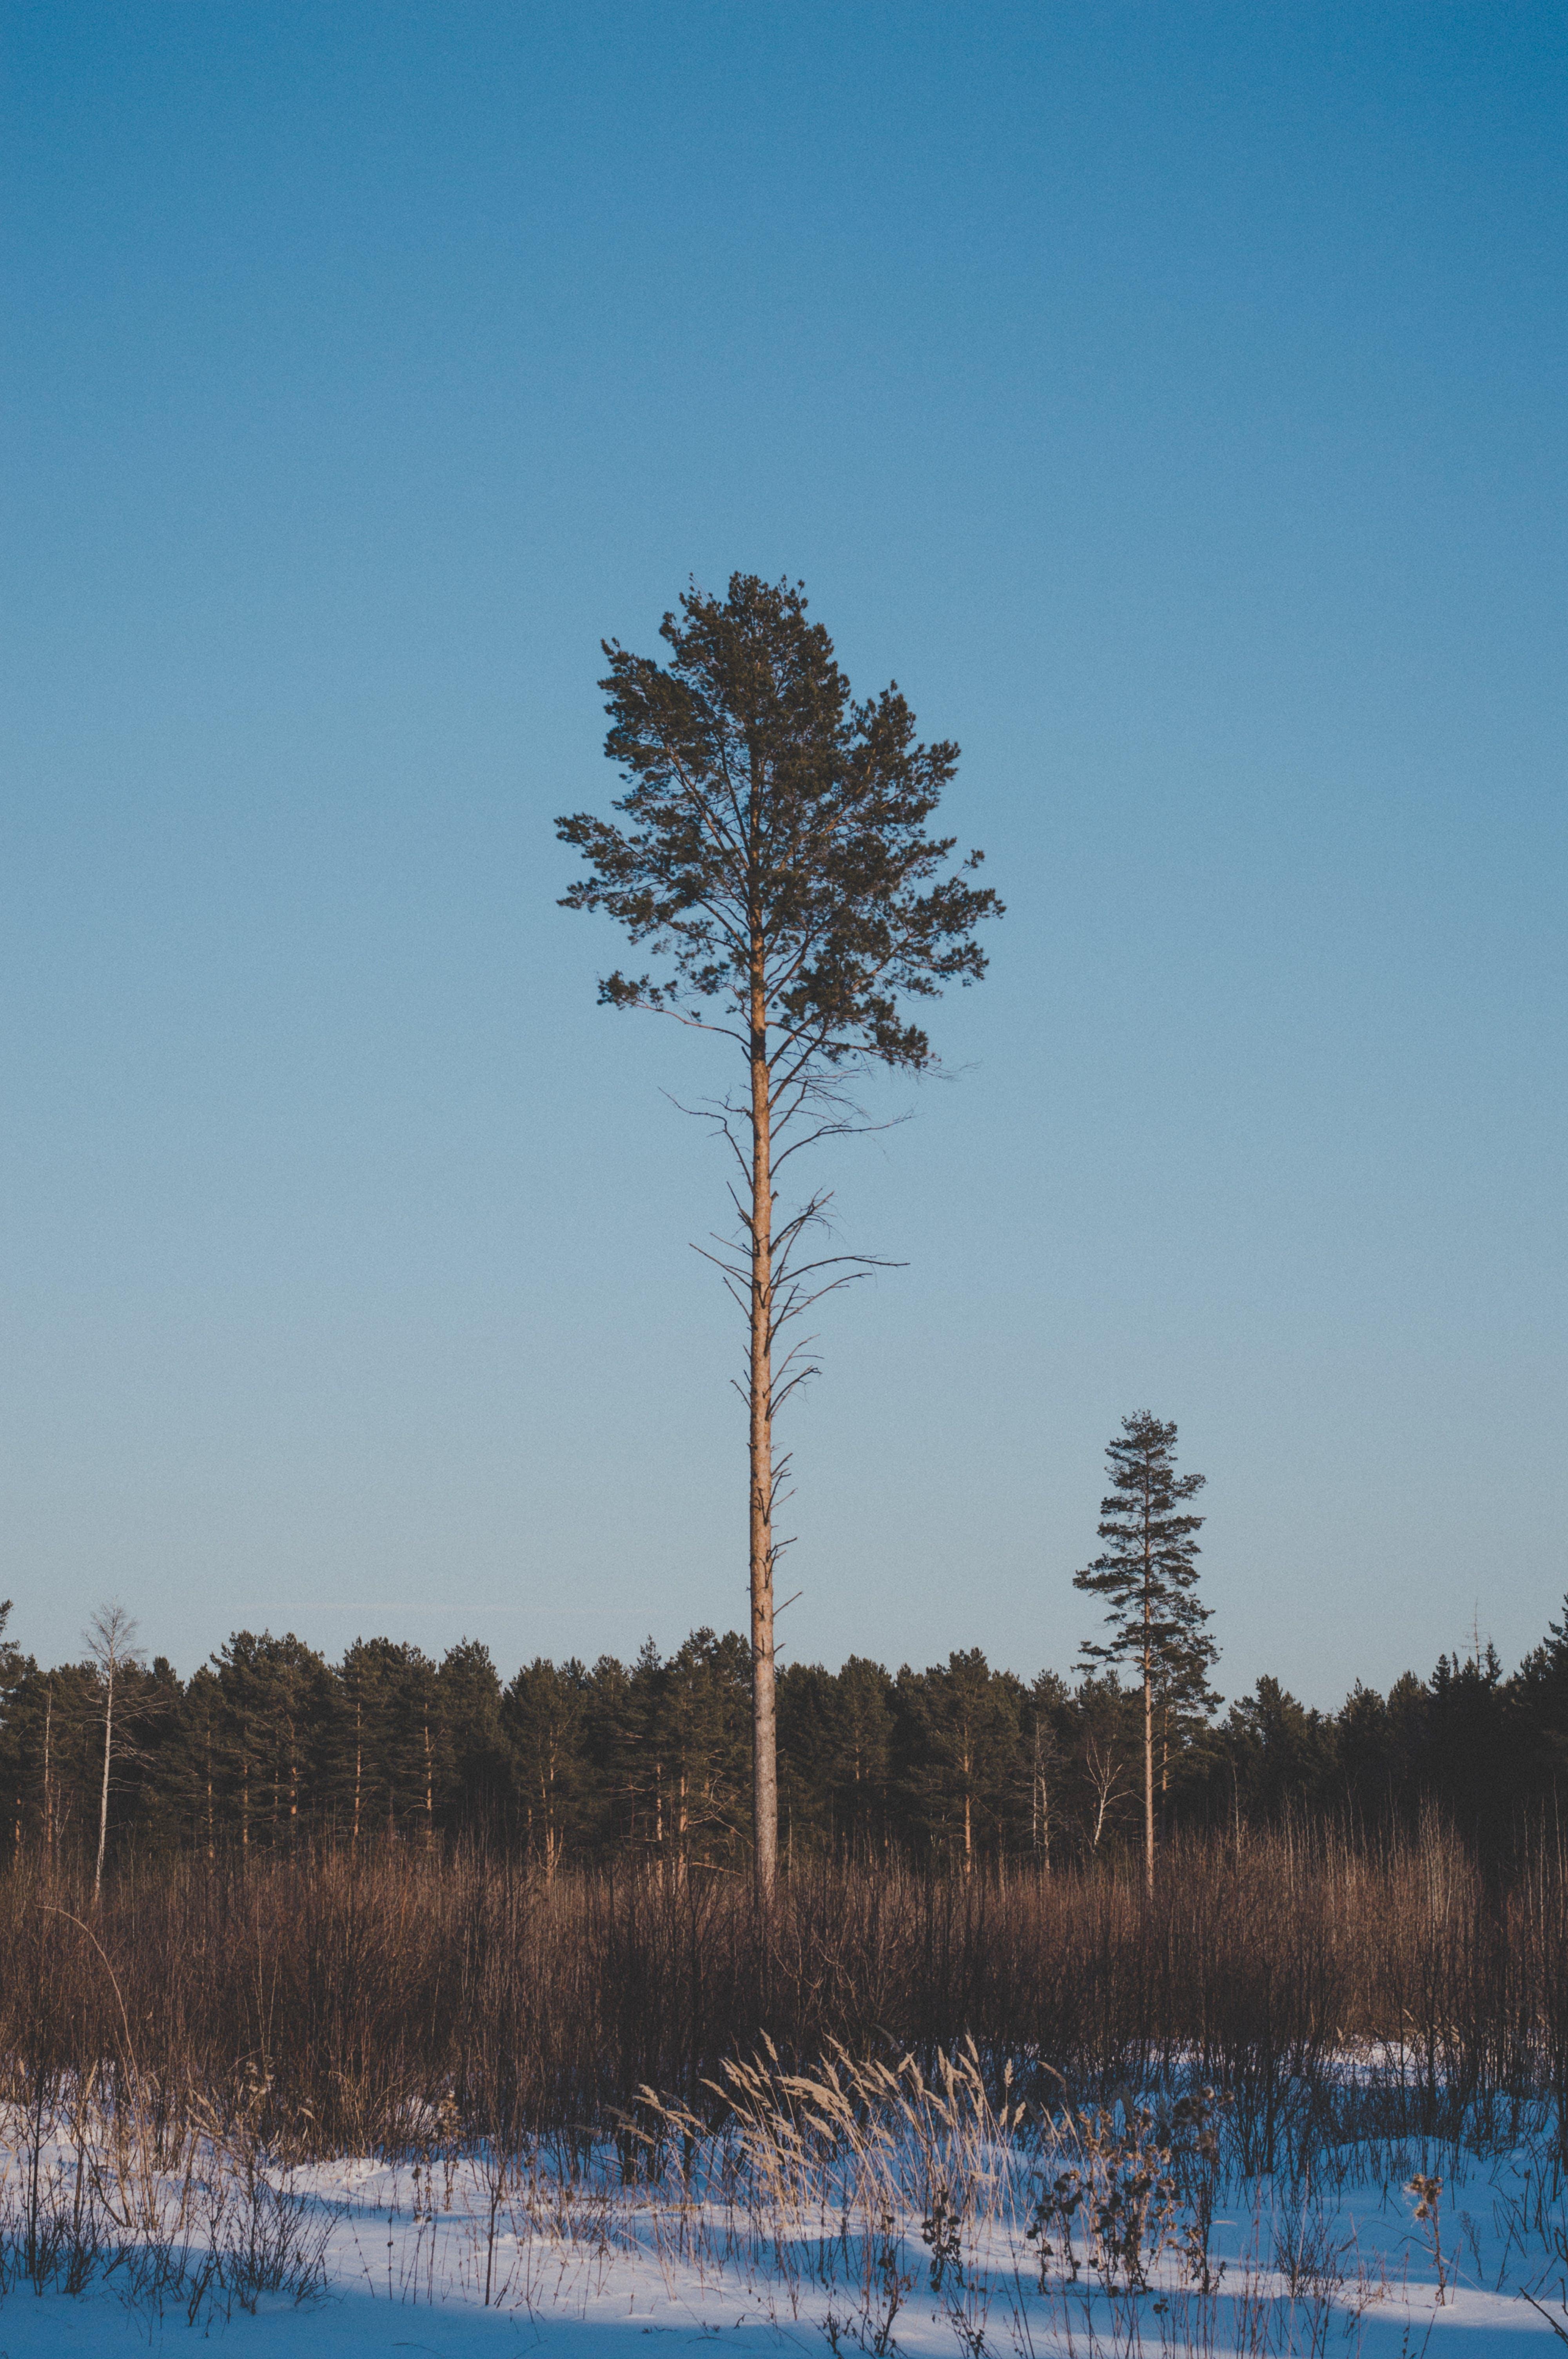 Fotos de stock gratuitas de arboles, blanco, bosque, cielo azul